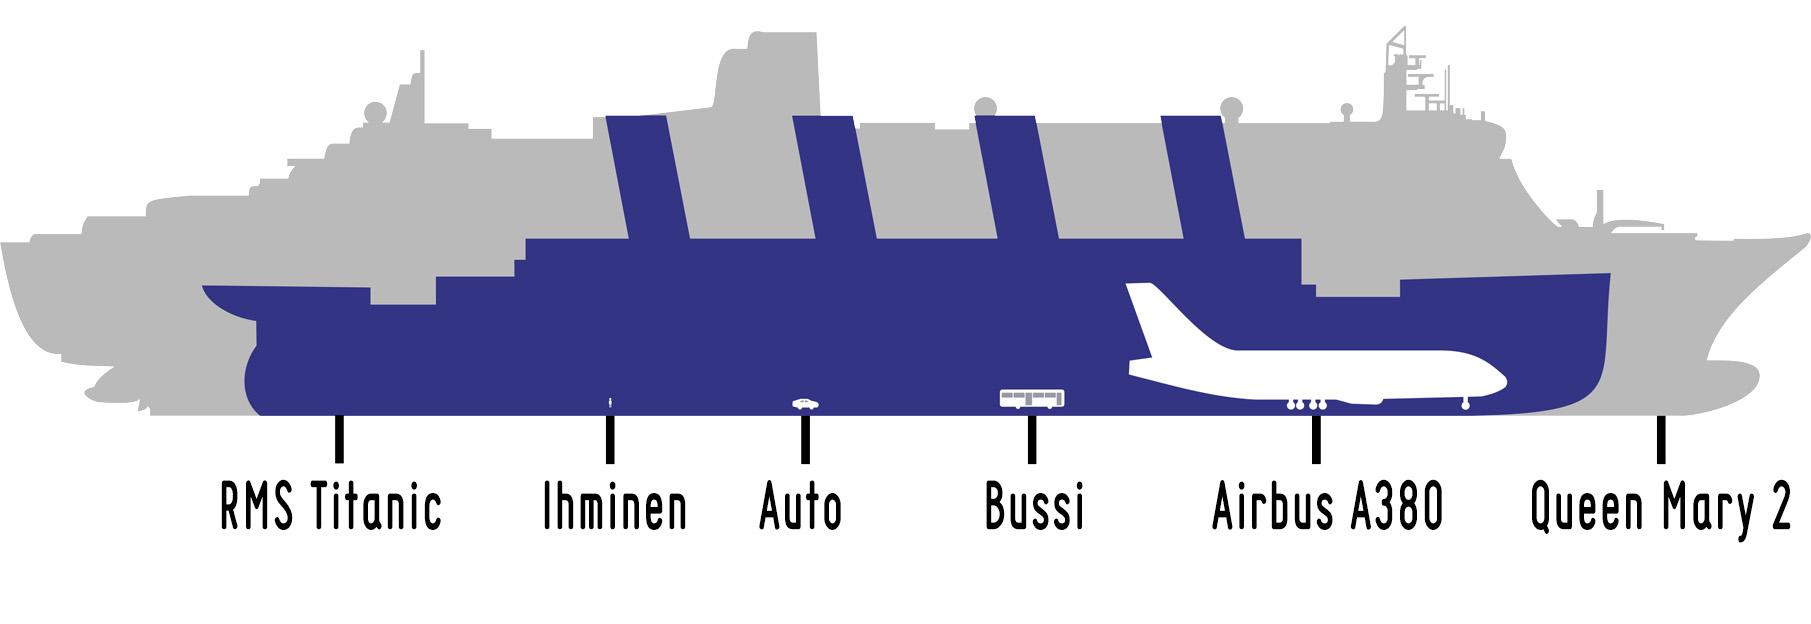 Titanic verrattuna eri kappaleisiin